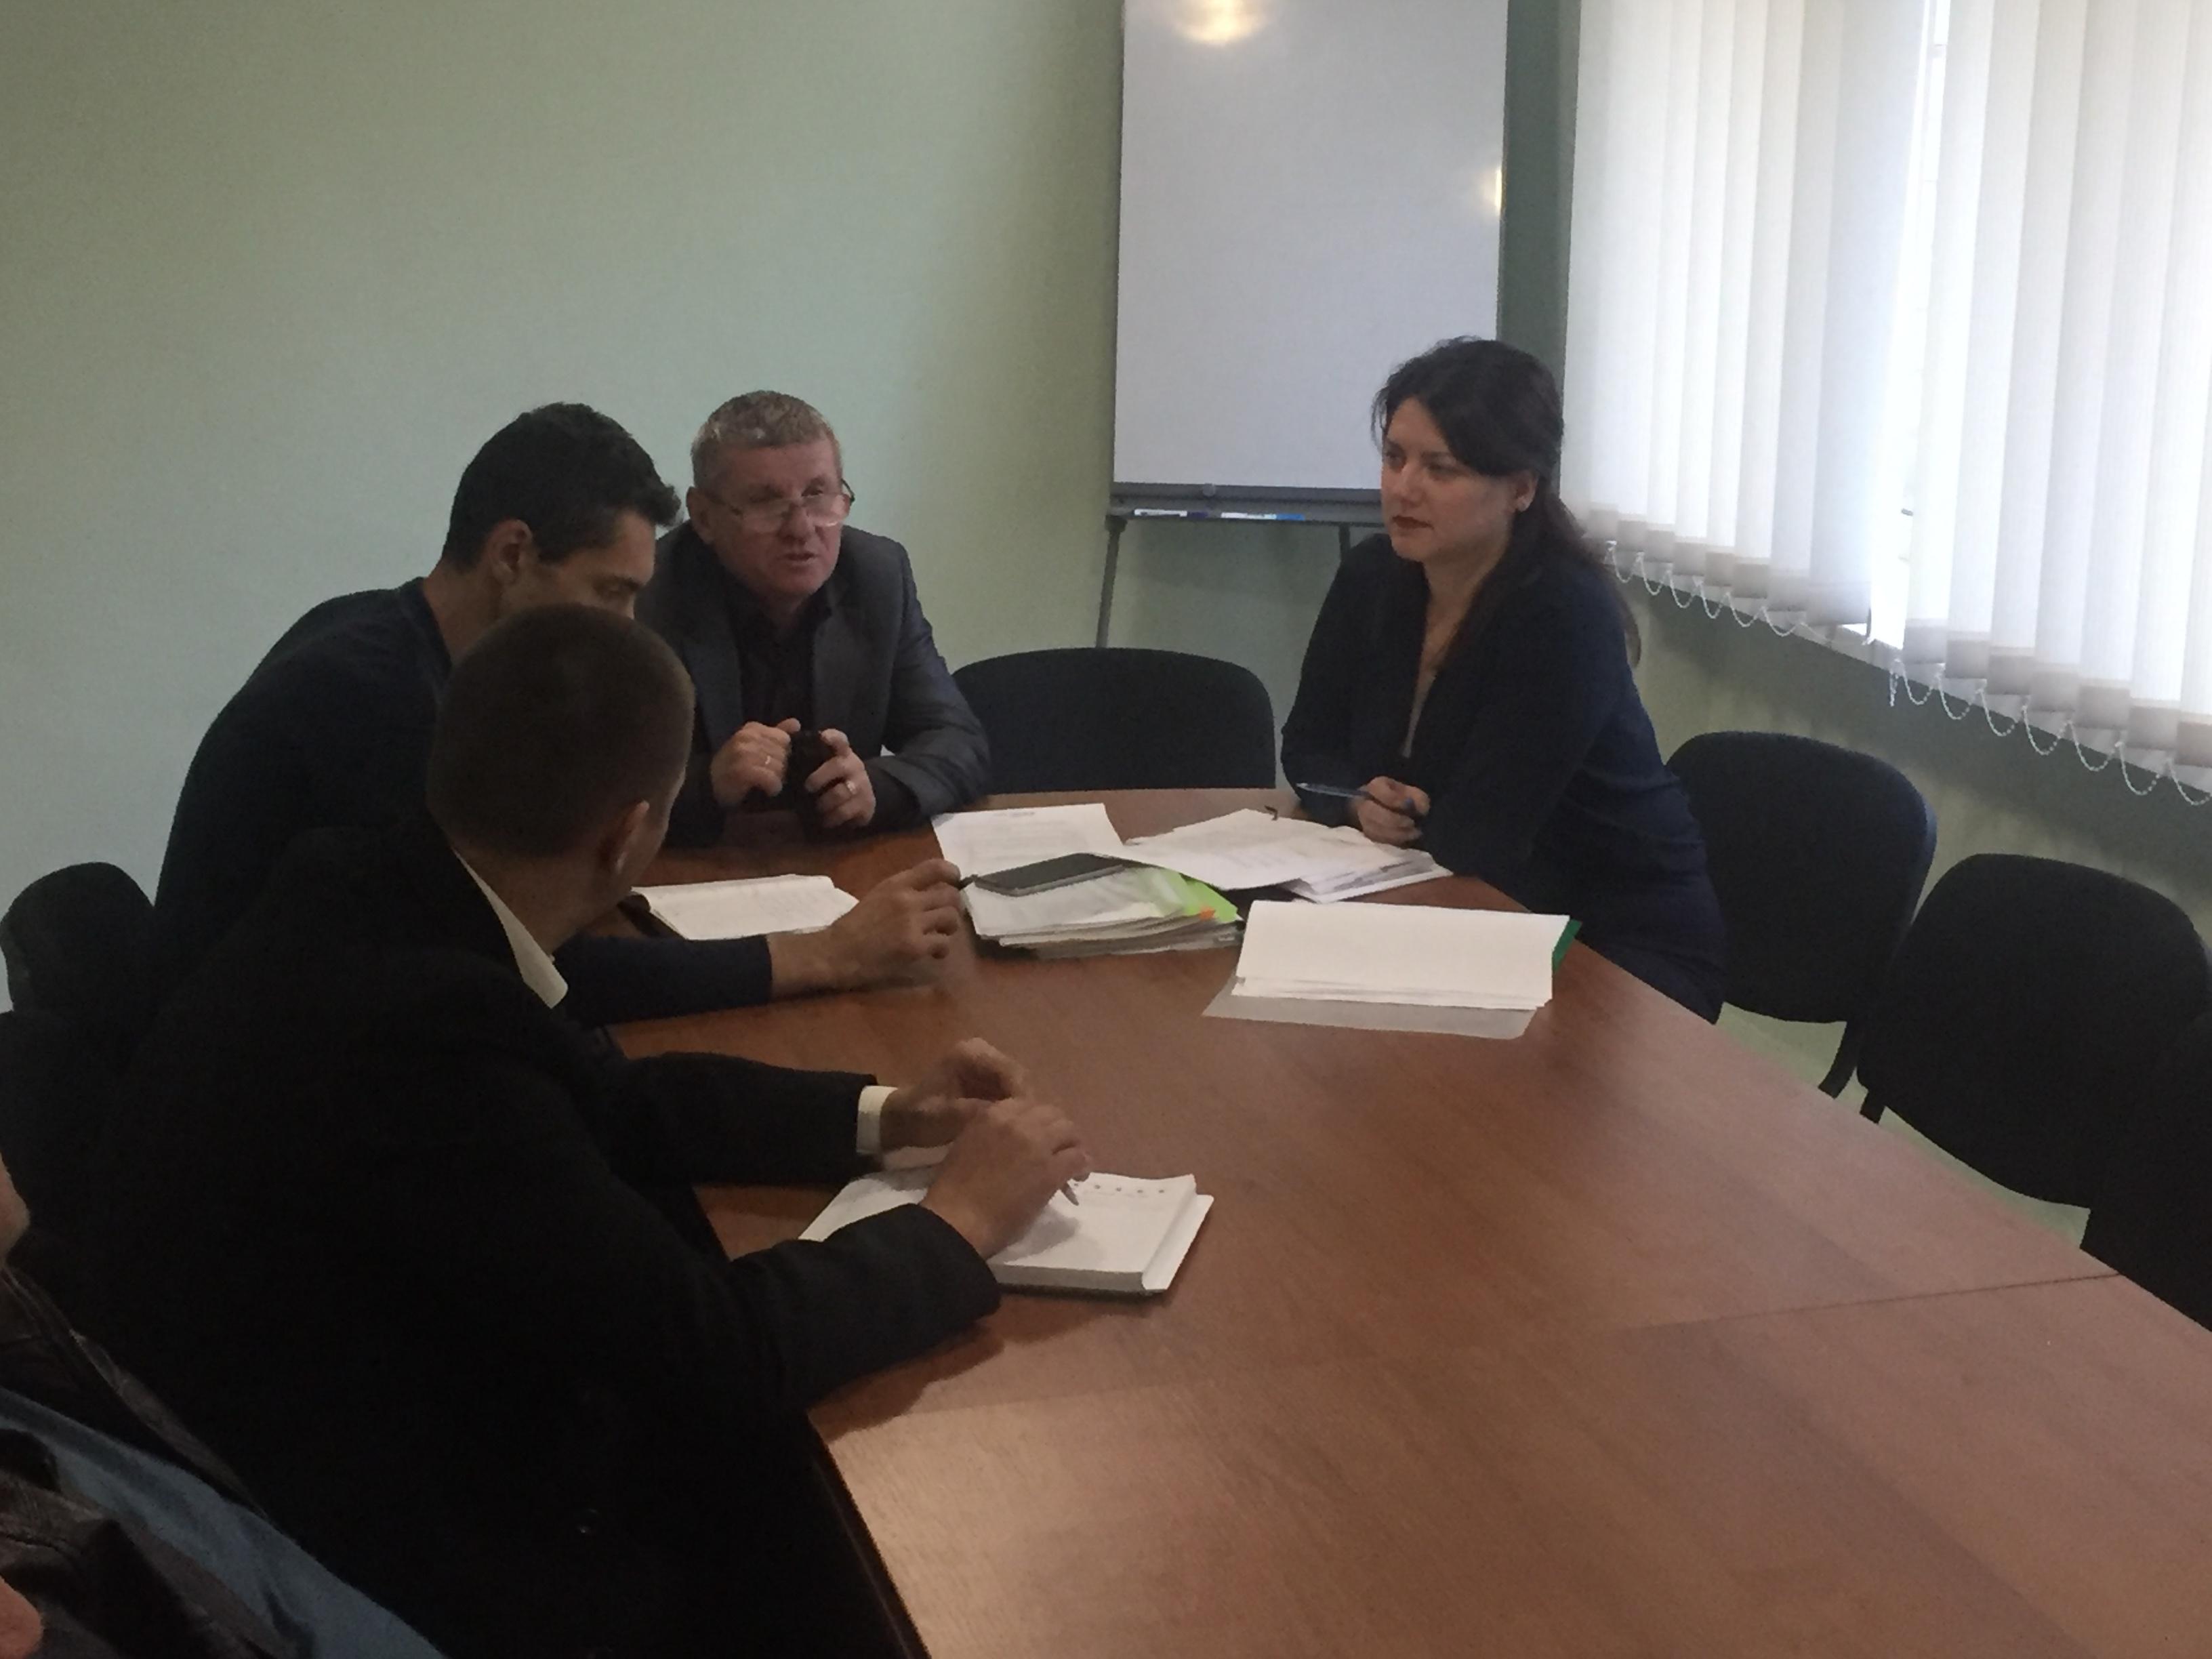 Відбулась нарада робочої групи щодо розробки проектів програм розвитку територій майбутньої Олександрівської ОТГ